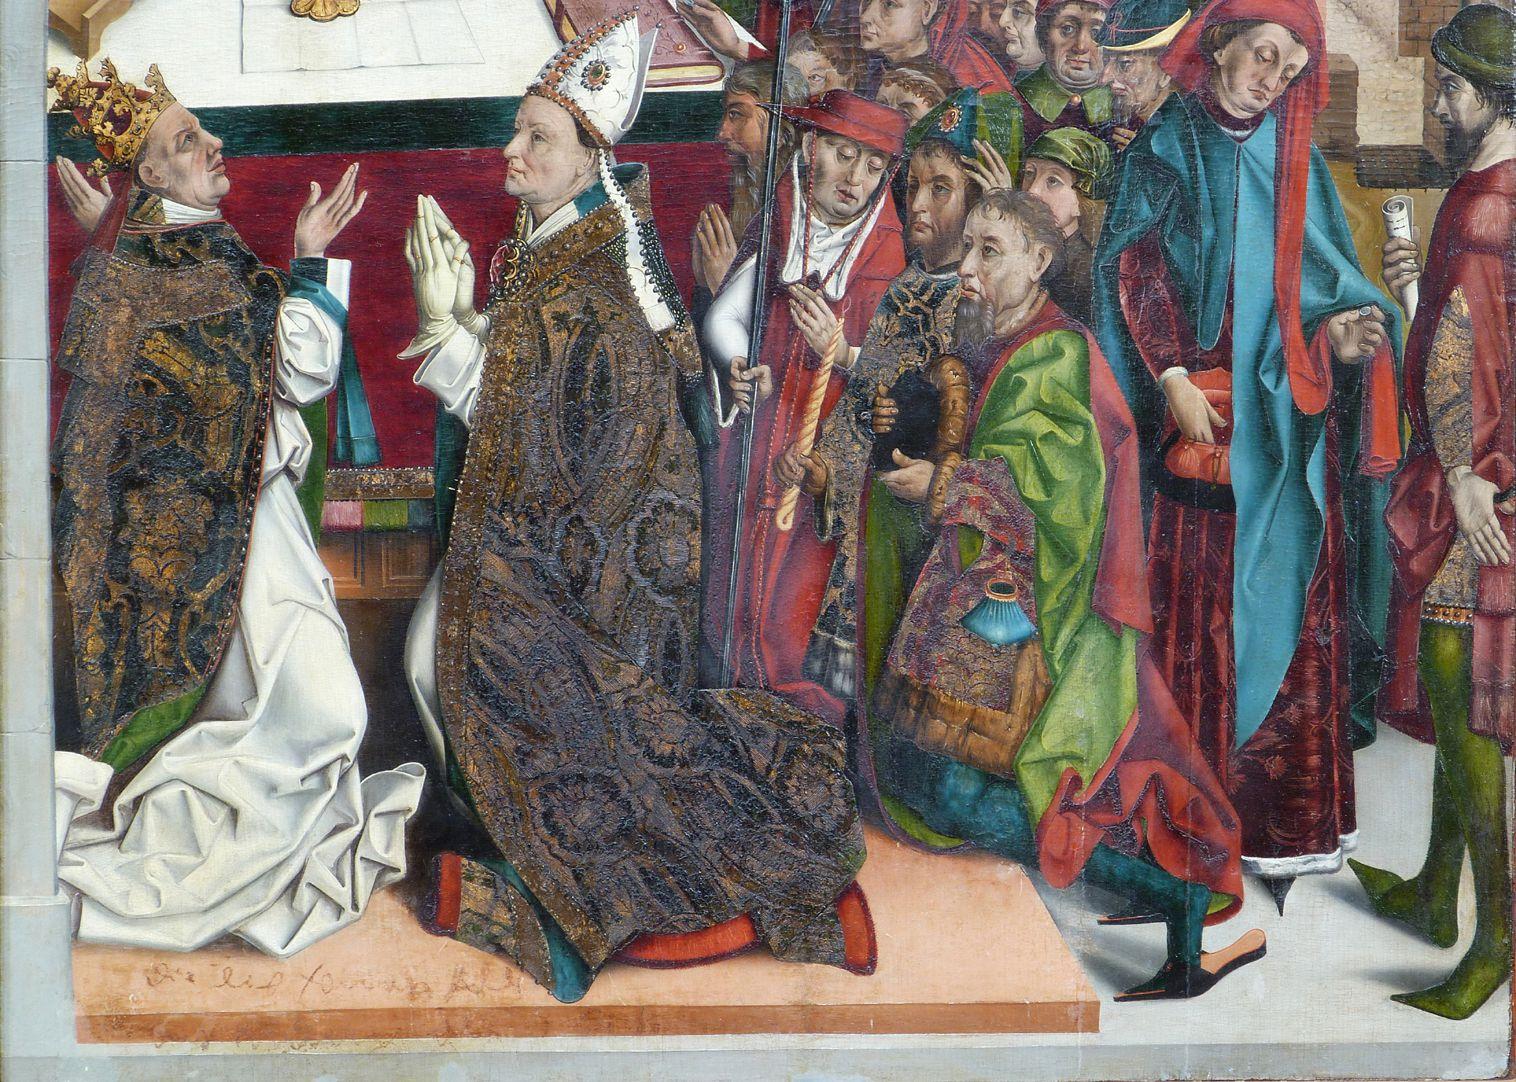 Epitaph des Hans Mayer (gest. 21.8.1473) und Ehefrau Kunigunde, geborene Sternecker (gest. 23.3.1450) untere Tafelhälfte